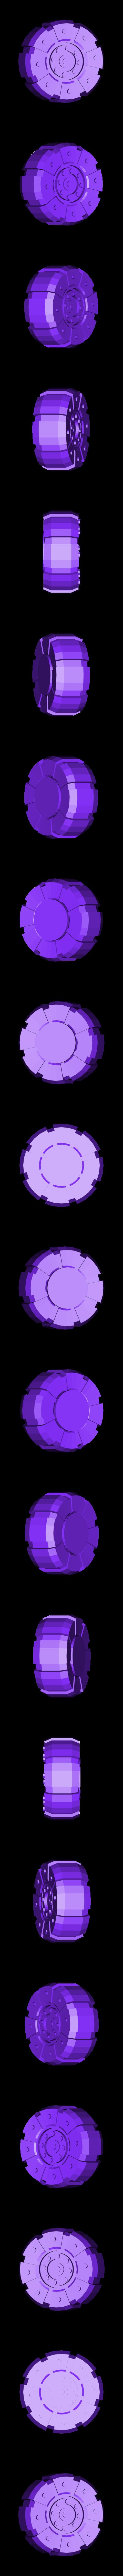 wheel.stl Télécharger fichier STL gratuit KustomWagon (en plusieurs pièces) • Objet imprimable en 3D, Savex